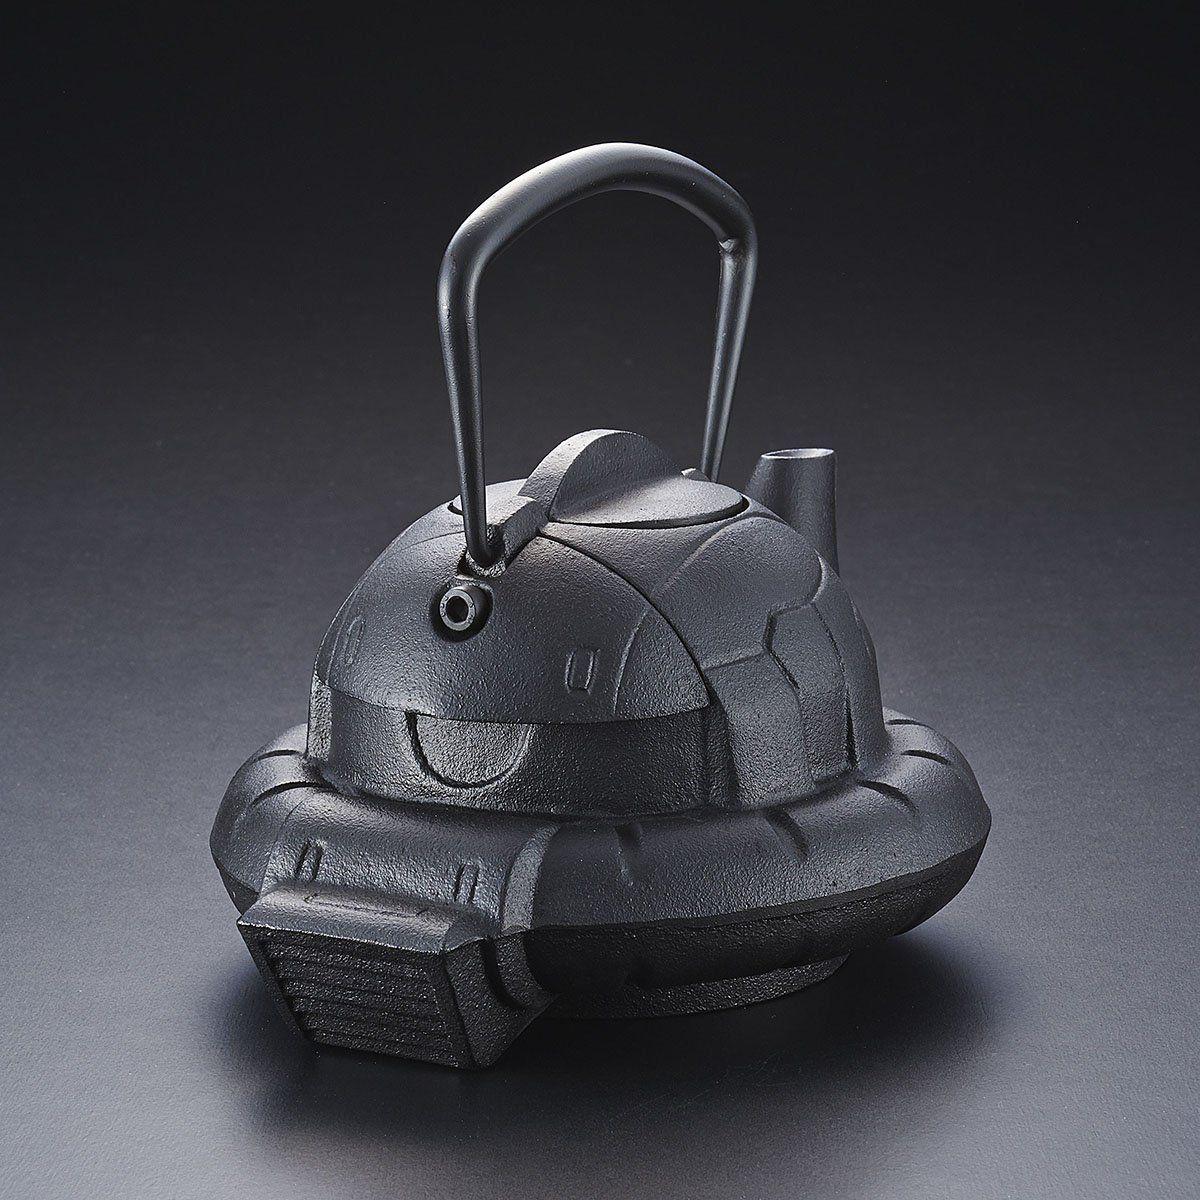 ガンダムカフェ『南部鉄器 鉄瓶 ZAKU』-001